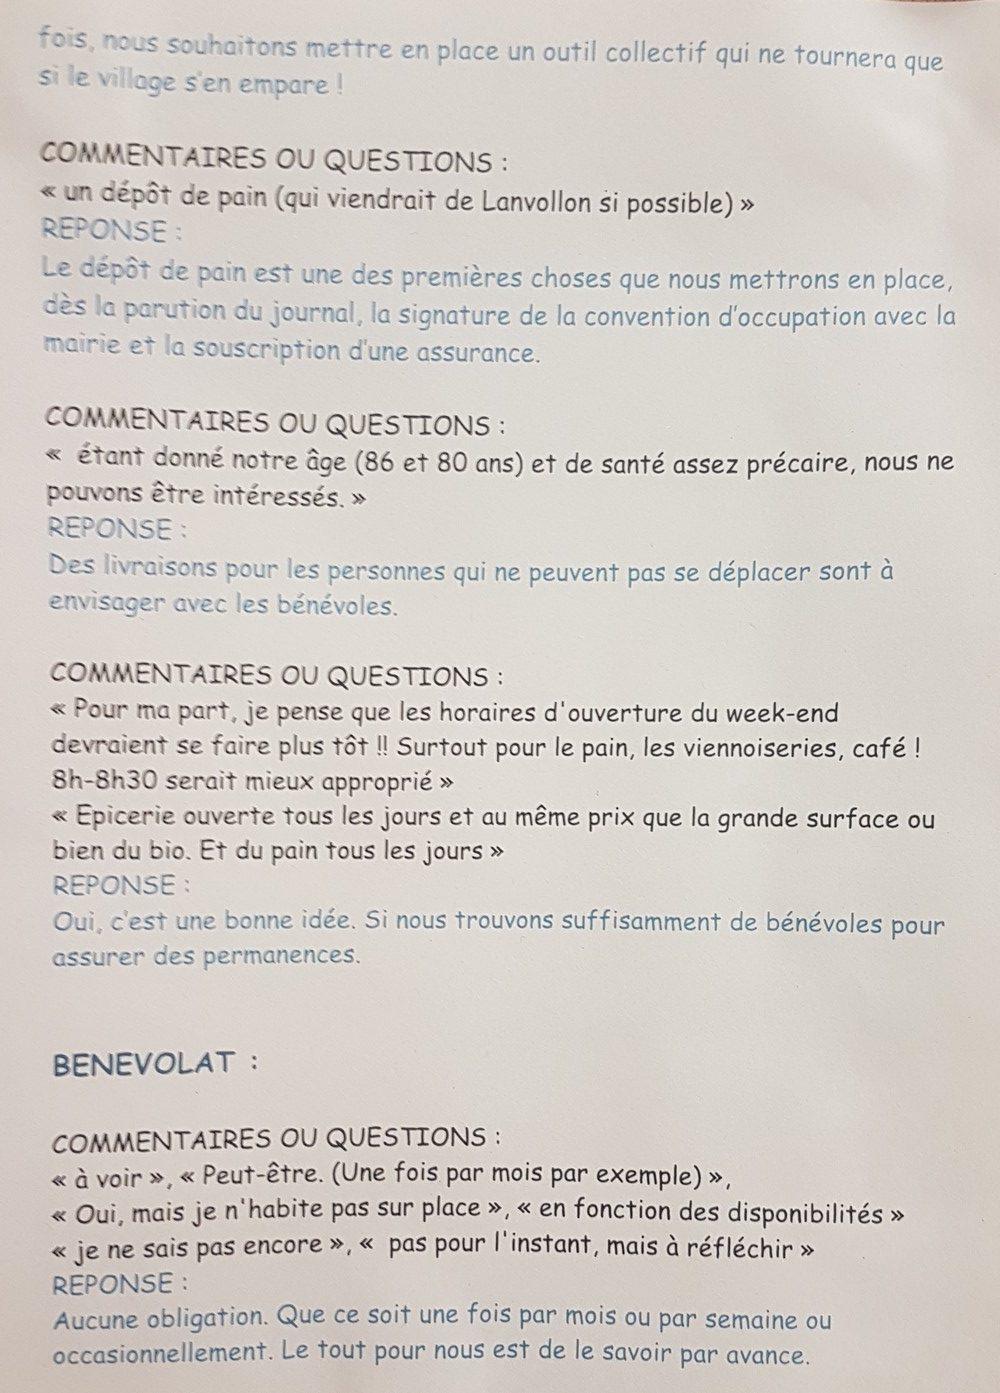 commentaires-questionnaire-4